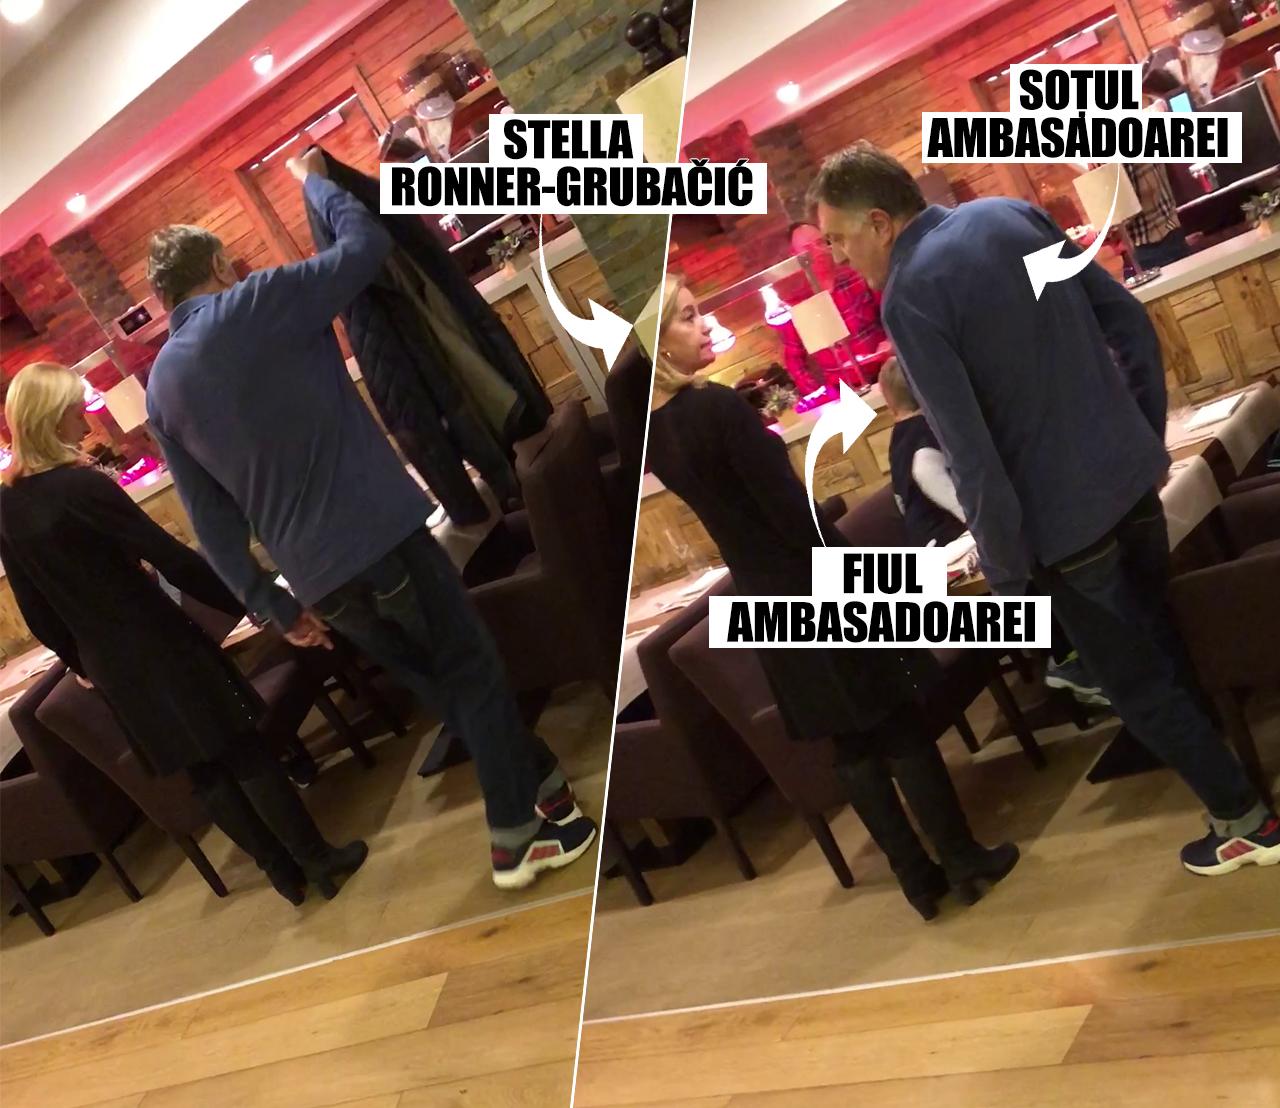 1 IANUARIE, ORA 19.45. Când au coborât din cameră la cină, diplomata olandeză s-a aşezat cu familia iniţial la o masă mai mică, aşteptând să ajungă şi familia Iordache în restaurant